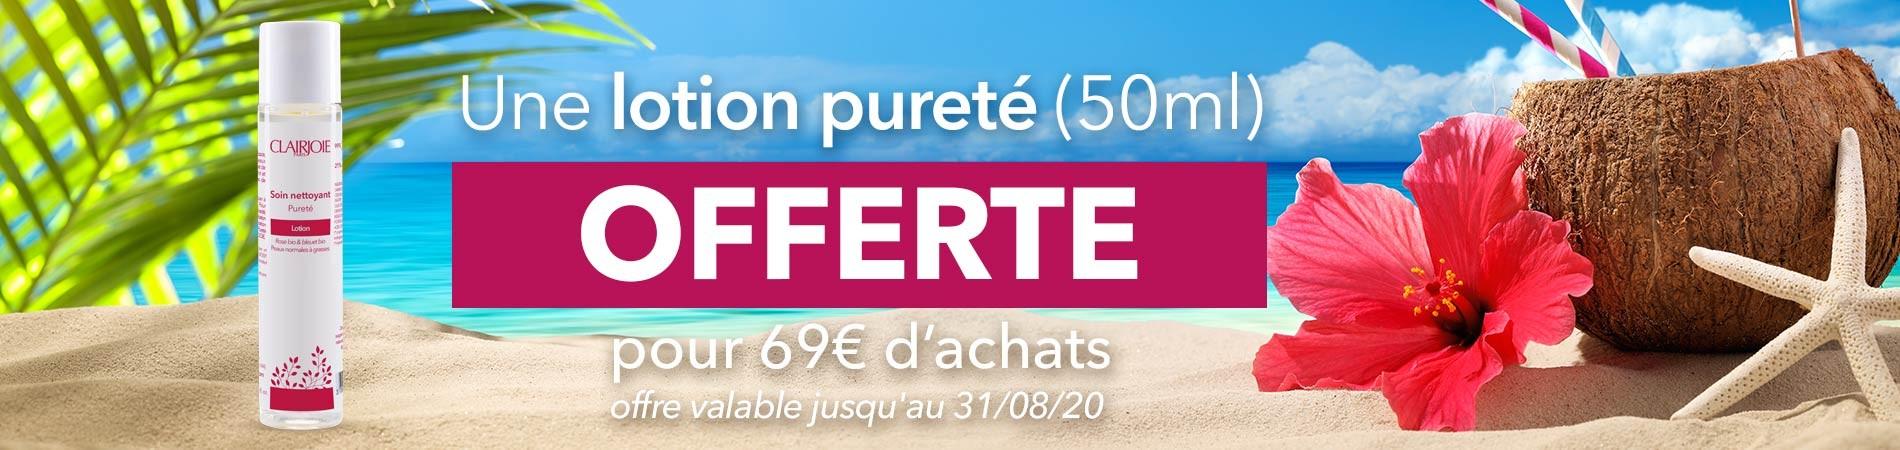 Lotion 50 offerte dès 69 euros d'achats